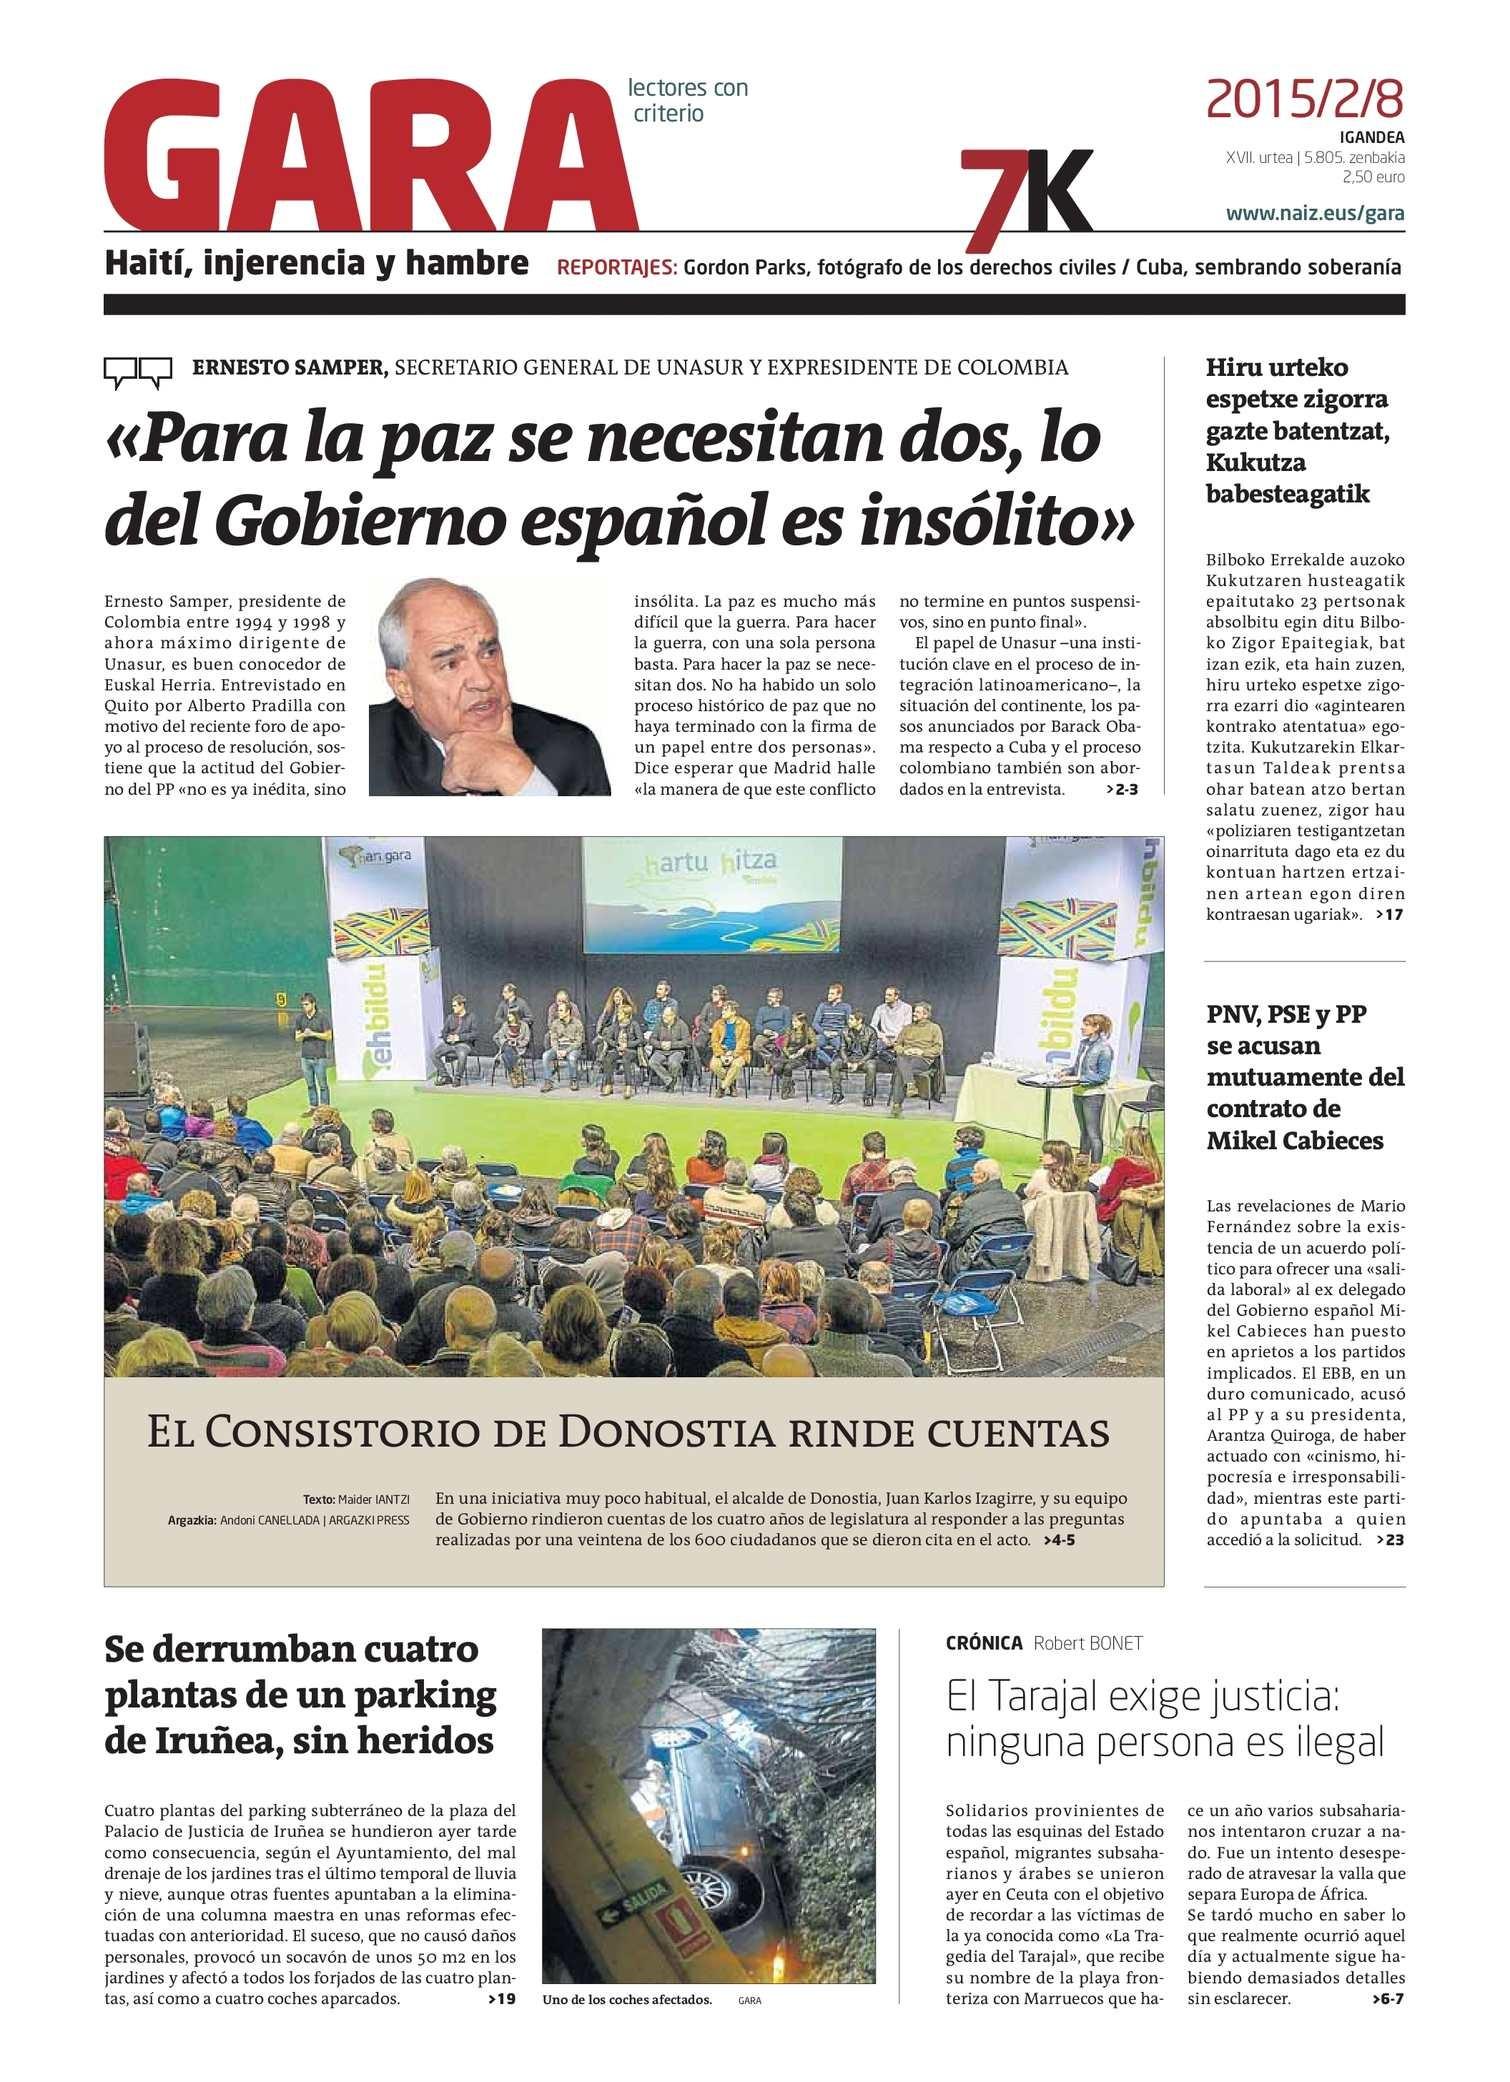 Calendario 2019 Dias úteis Más Populares Calaméo Gara